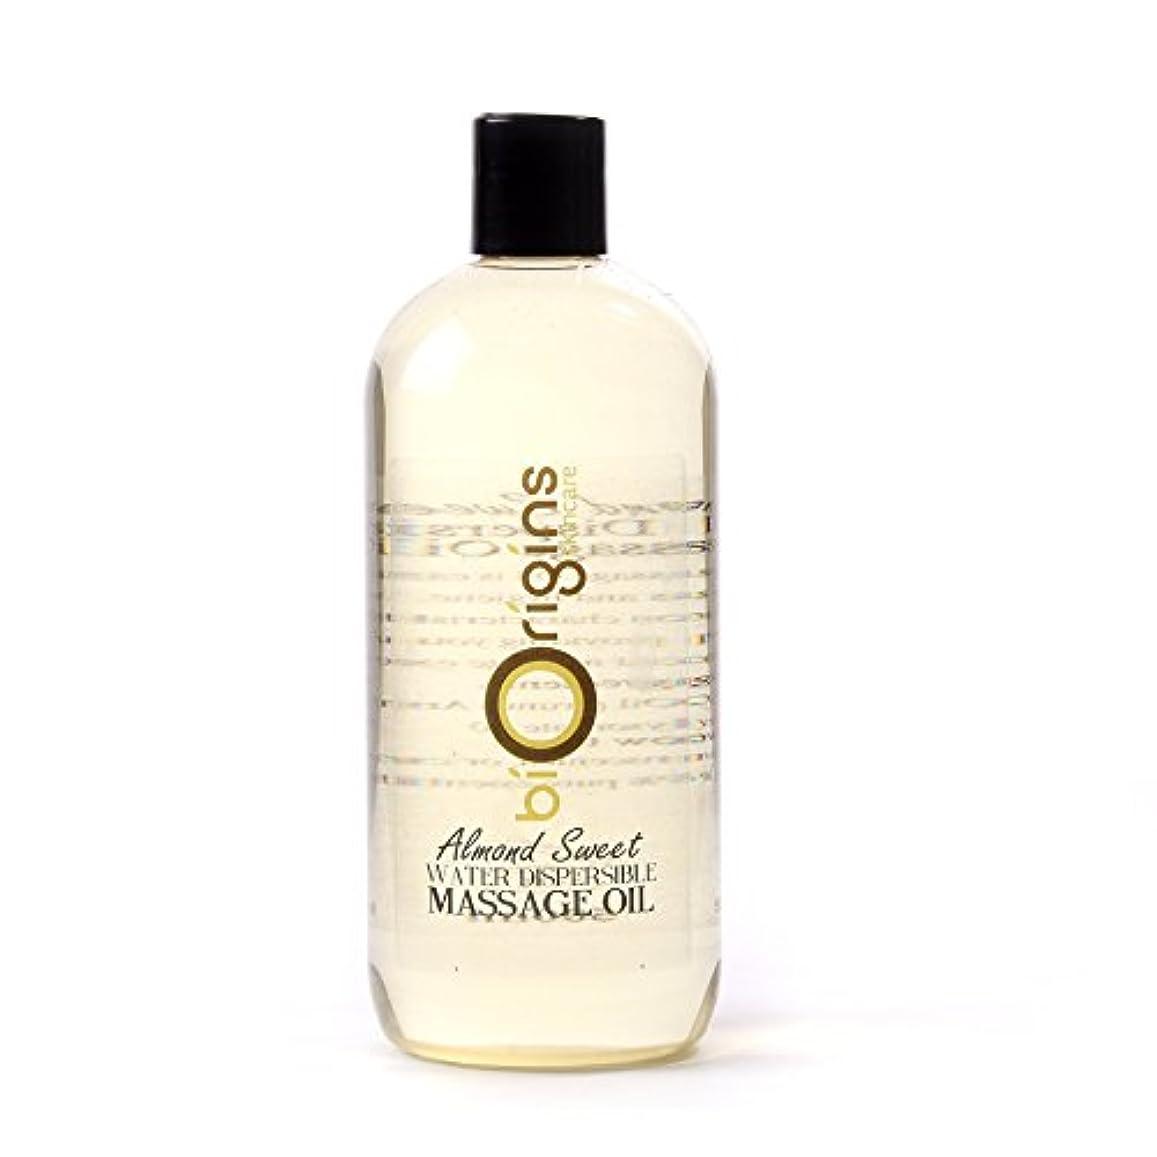 服を洗う悪行ロータリーAlmond Sweet Water Dispersible Massage Oil - 1 Litre - 100% Pure